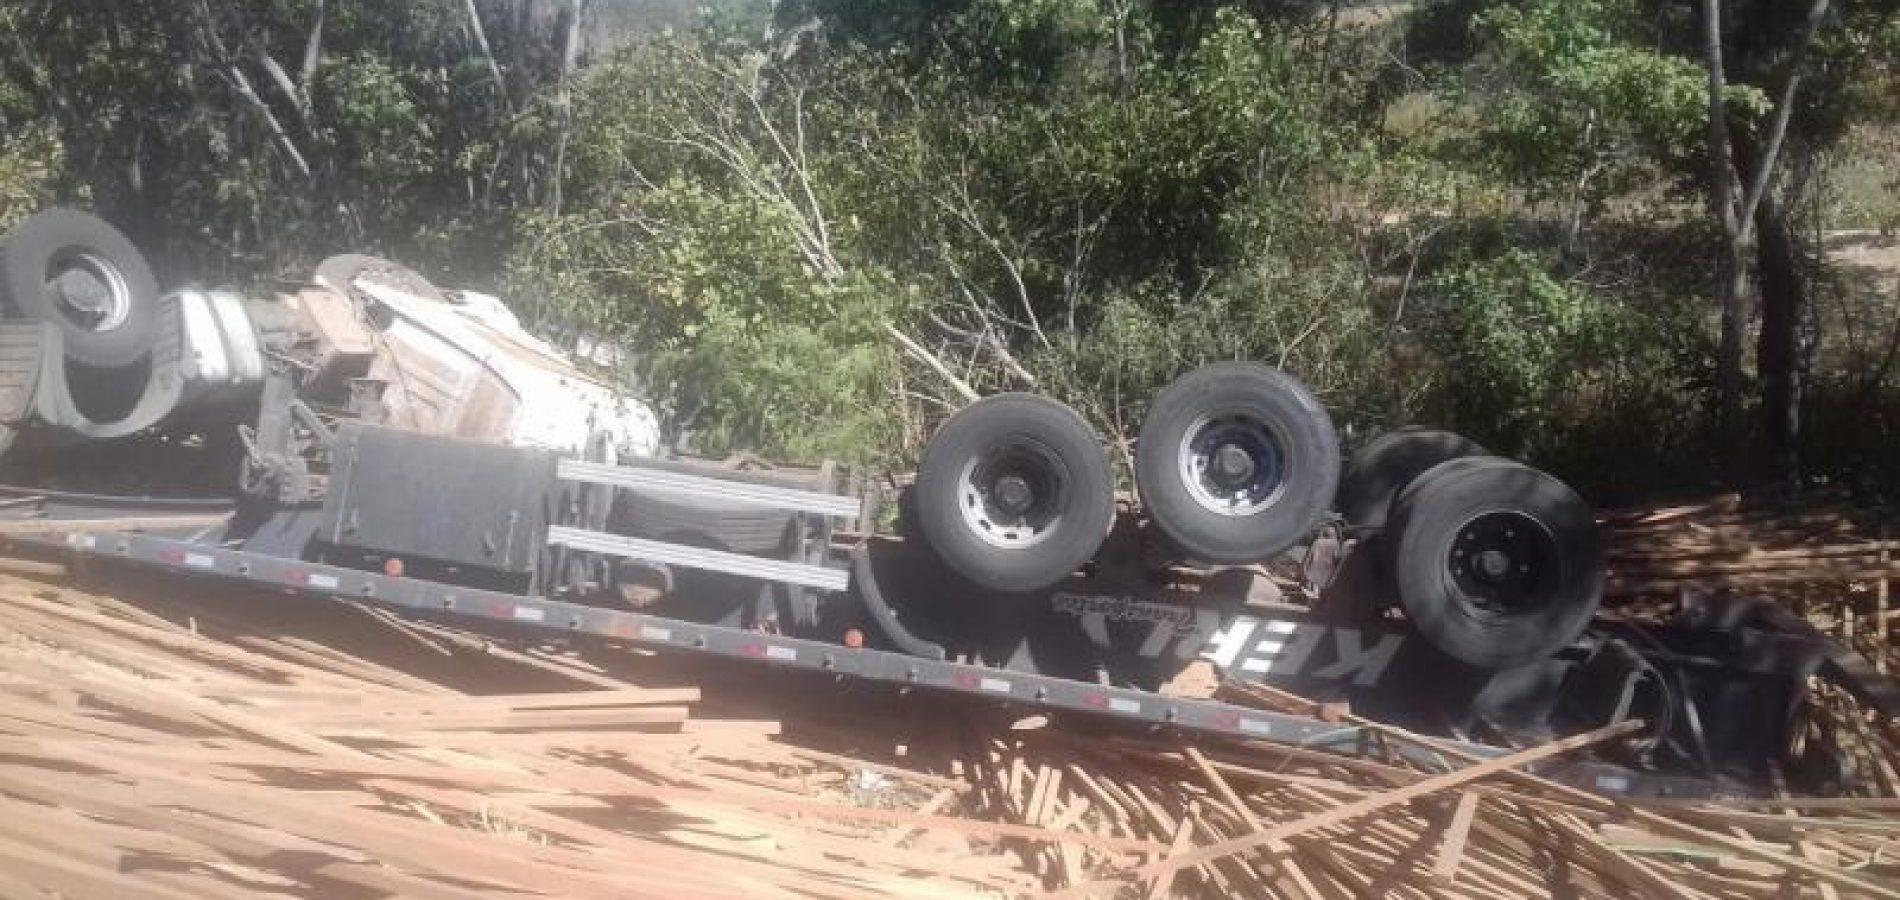 Carreta carregada com madeira tomba e parte da carga é saqueada